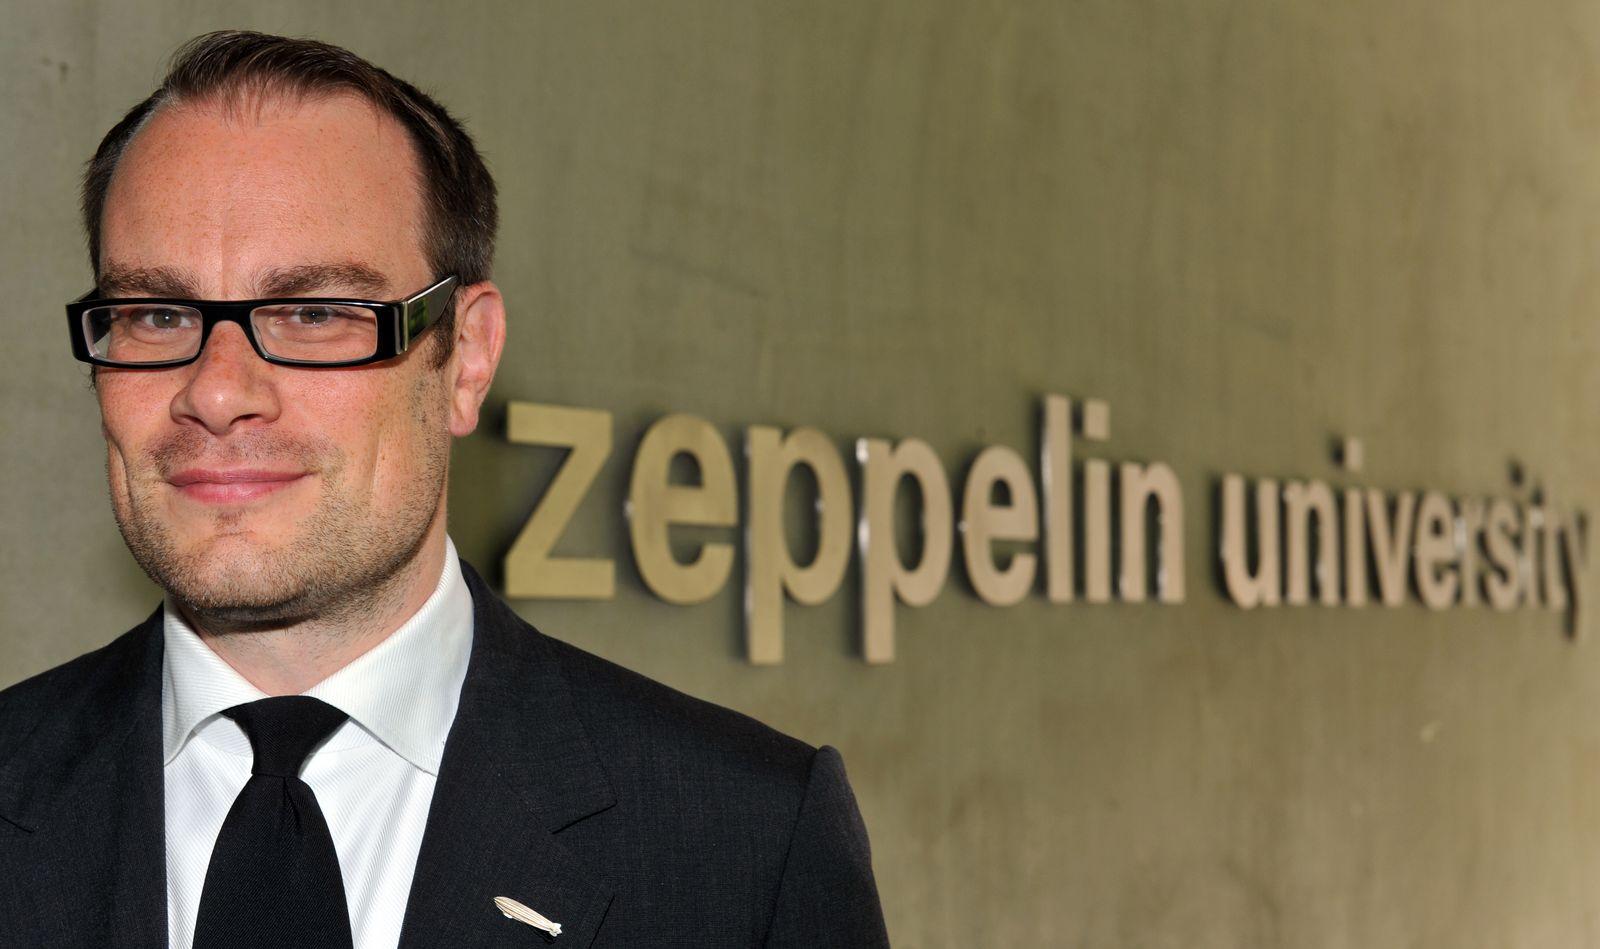 Stephan Jansen / Zeppelin University